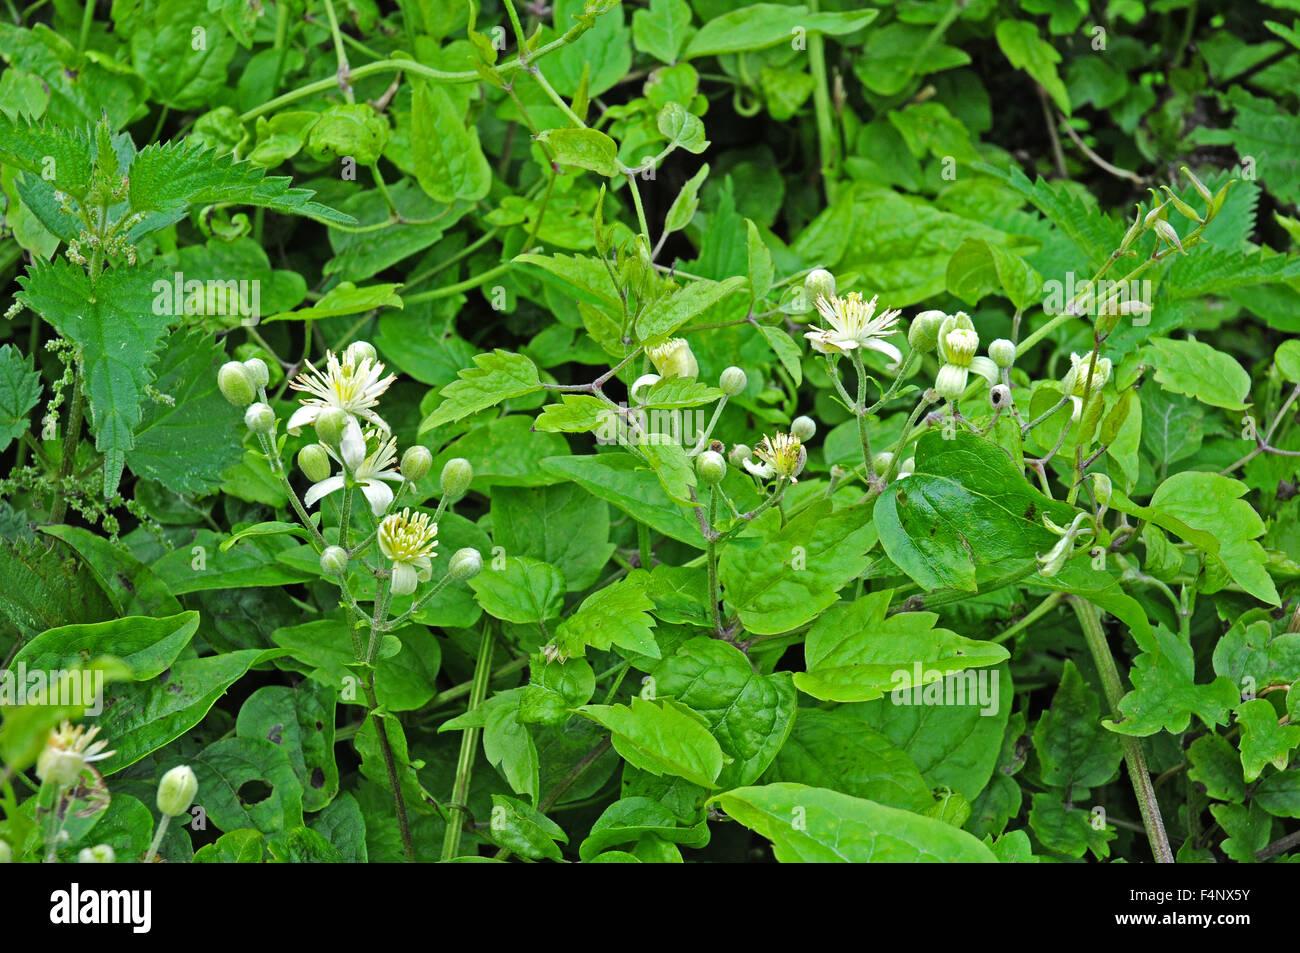 Flowers of Traveller's Joy. - Stock Image